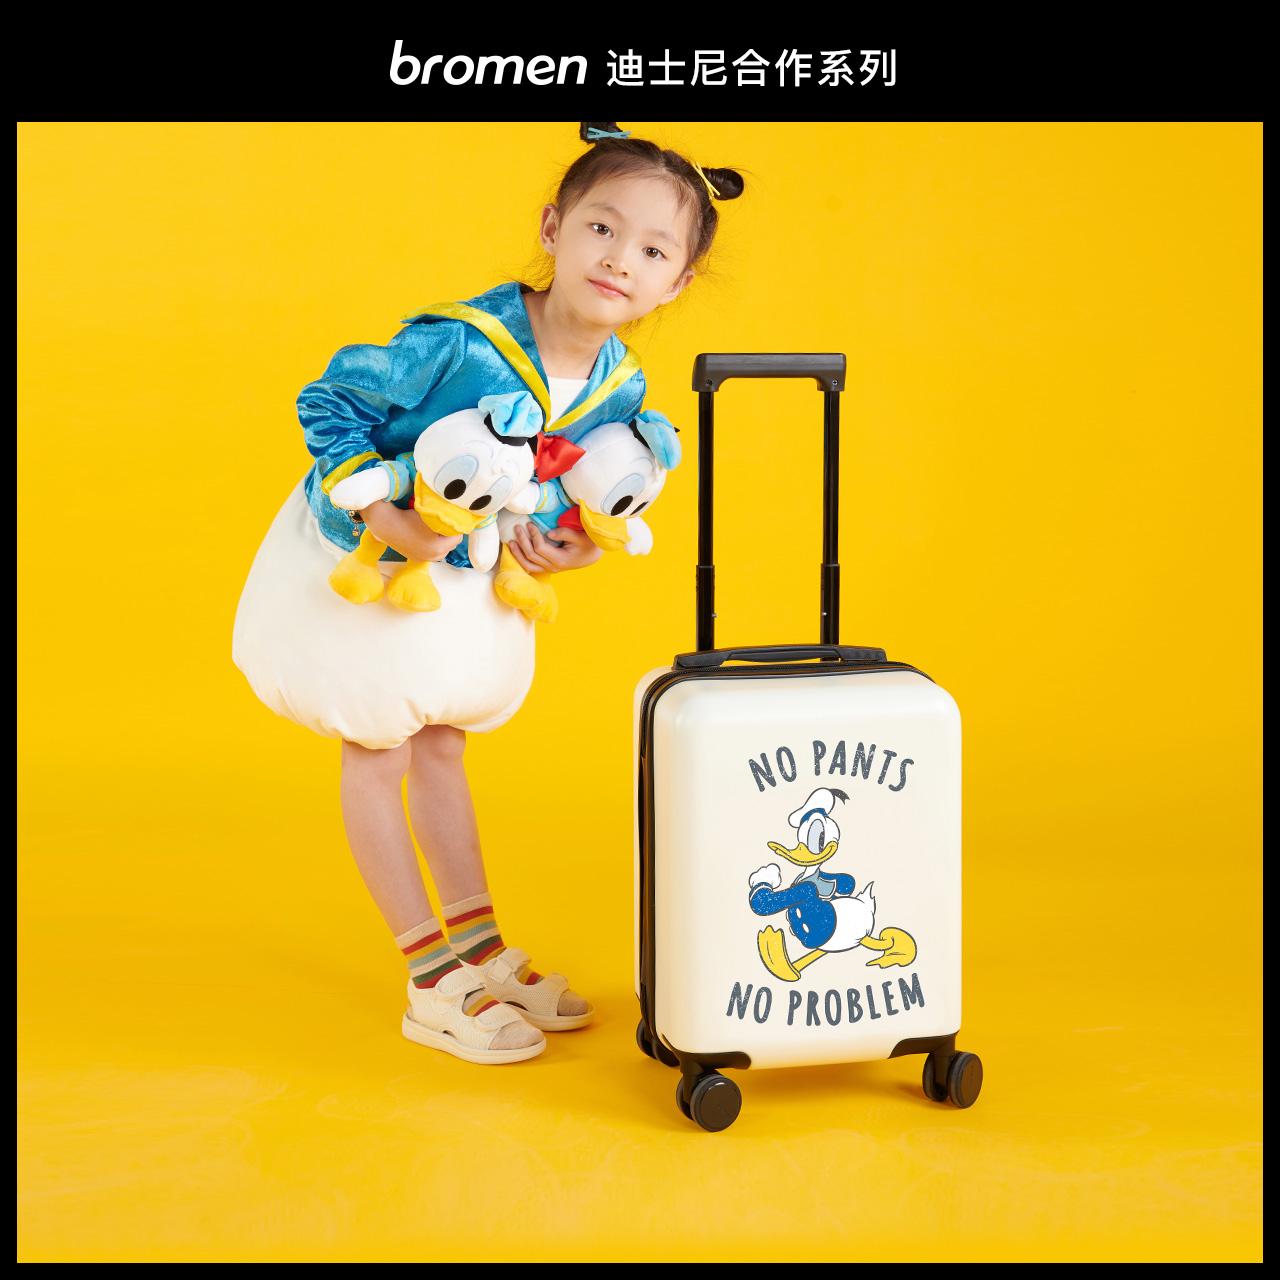 ▣ゥ กระเป๋าเดินทางล้อลาก กระเป๋าเดินทางล้อลากใบเล็กไม่Lai Mei Disneyความร่วมมือกระเป๋าผู้หญิงโดนัลด์ดั๊กกรณีรถเข็นเด็กนัก